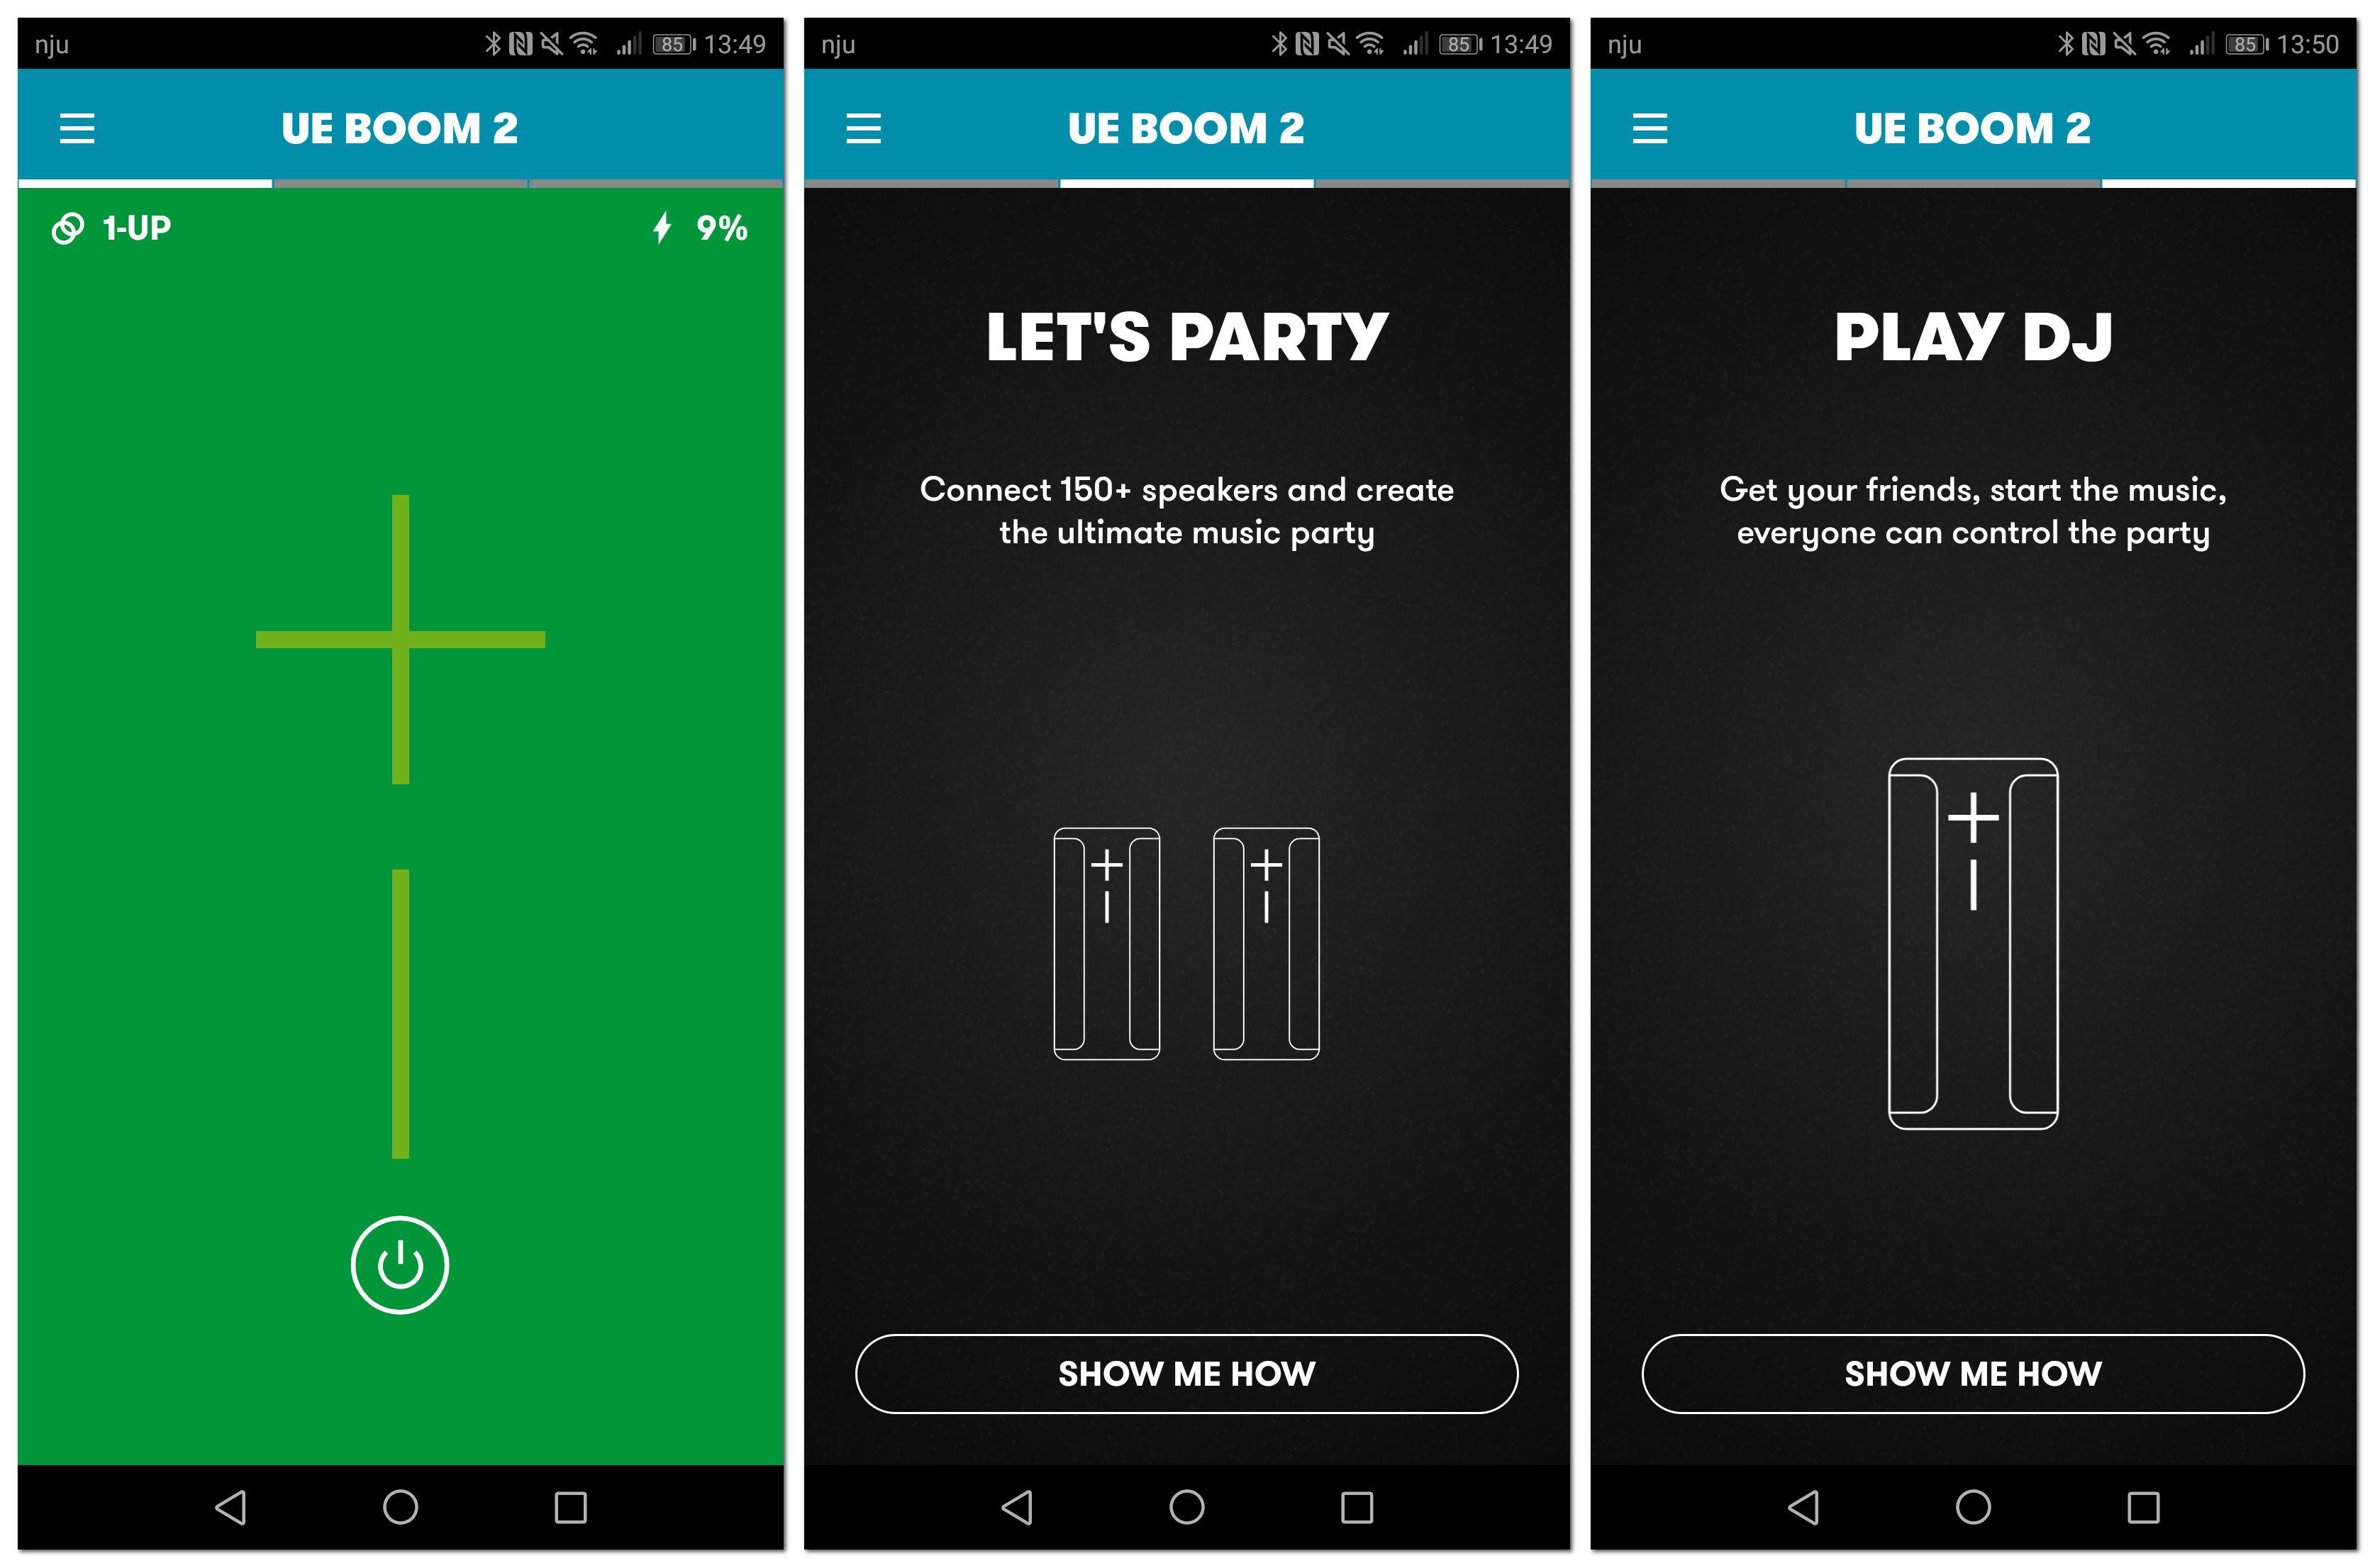 aplikacja mobilna - ue boom 2 do sterowania głośnikiem